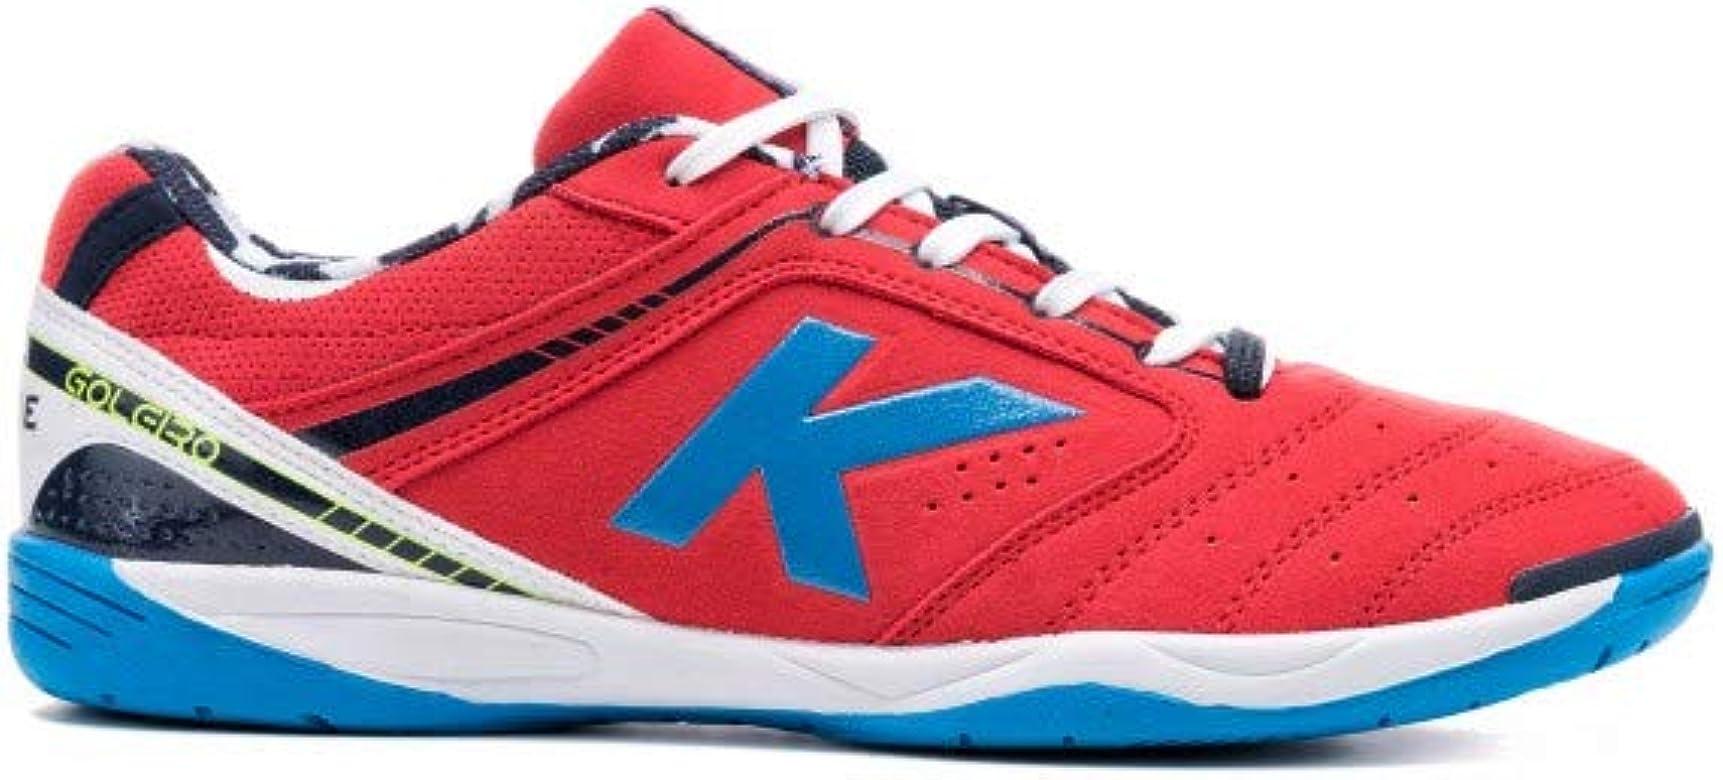 Kelme - Zapatillas K-goleiro 18: Amazon.es: Zapatos y complementos